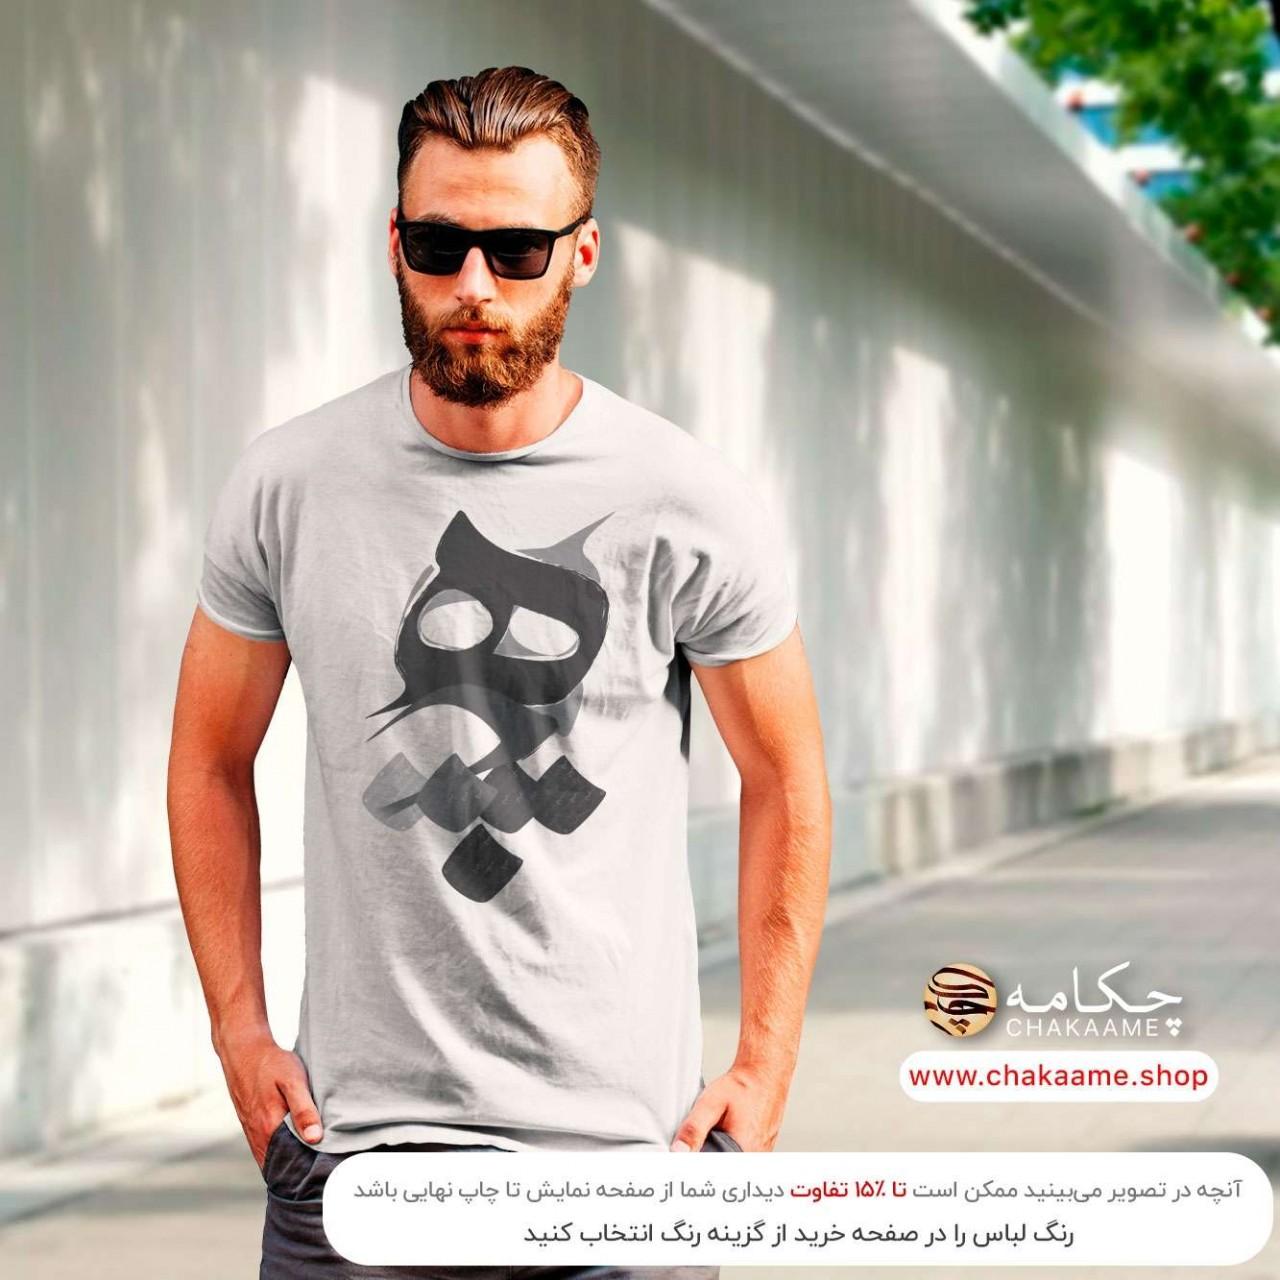 تی شرت طرح هیچ 99